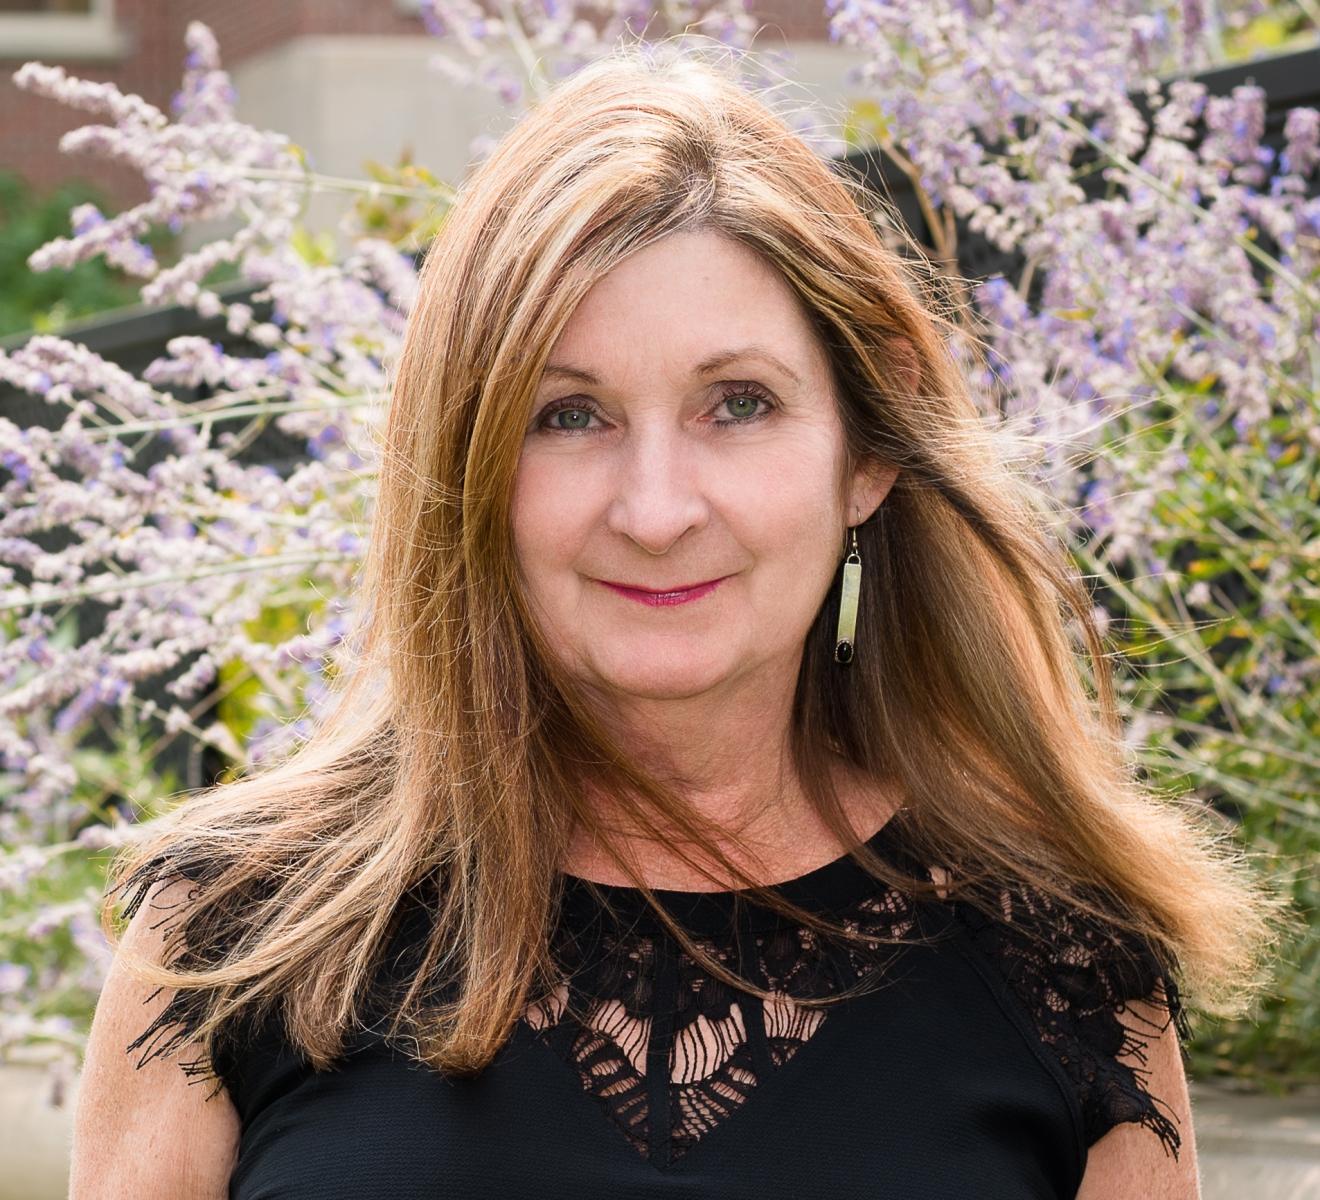 Wanda Ellingson